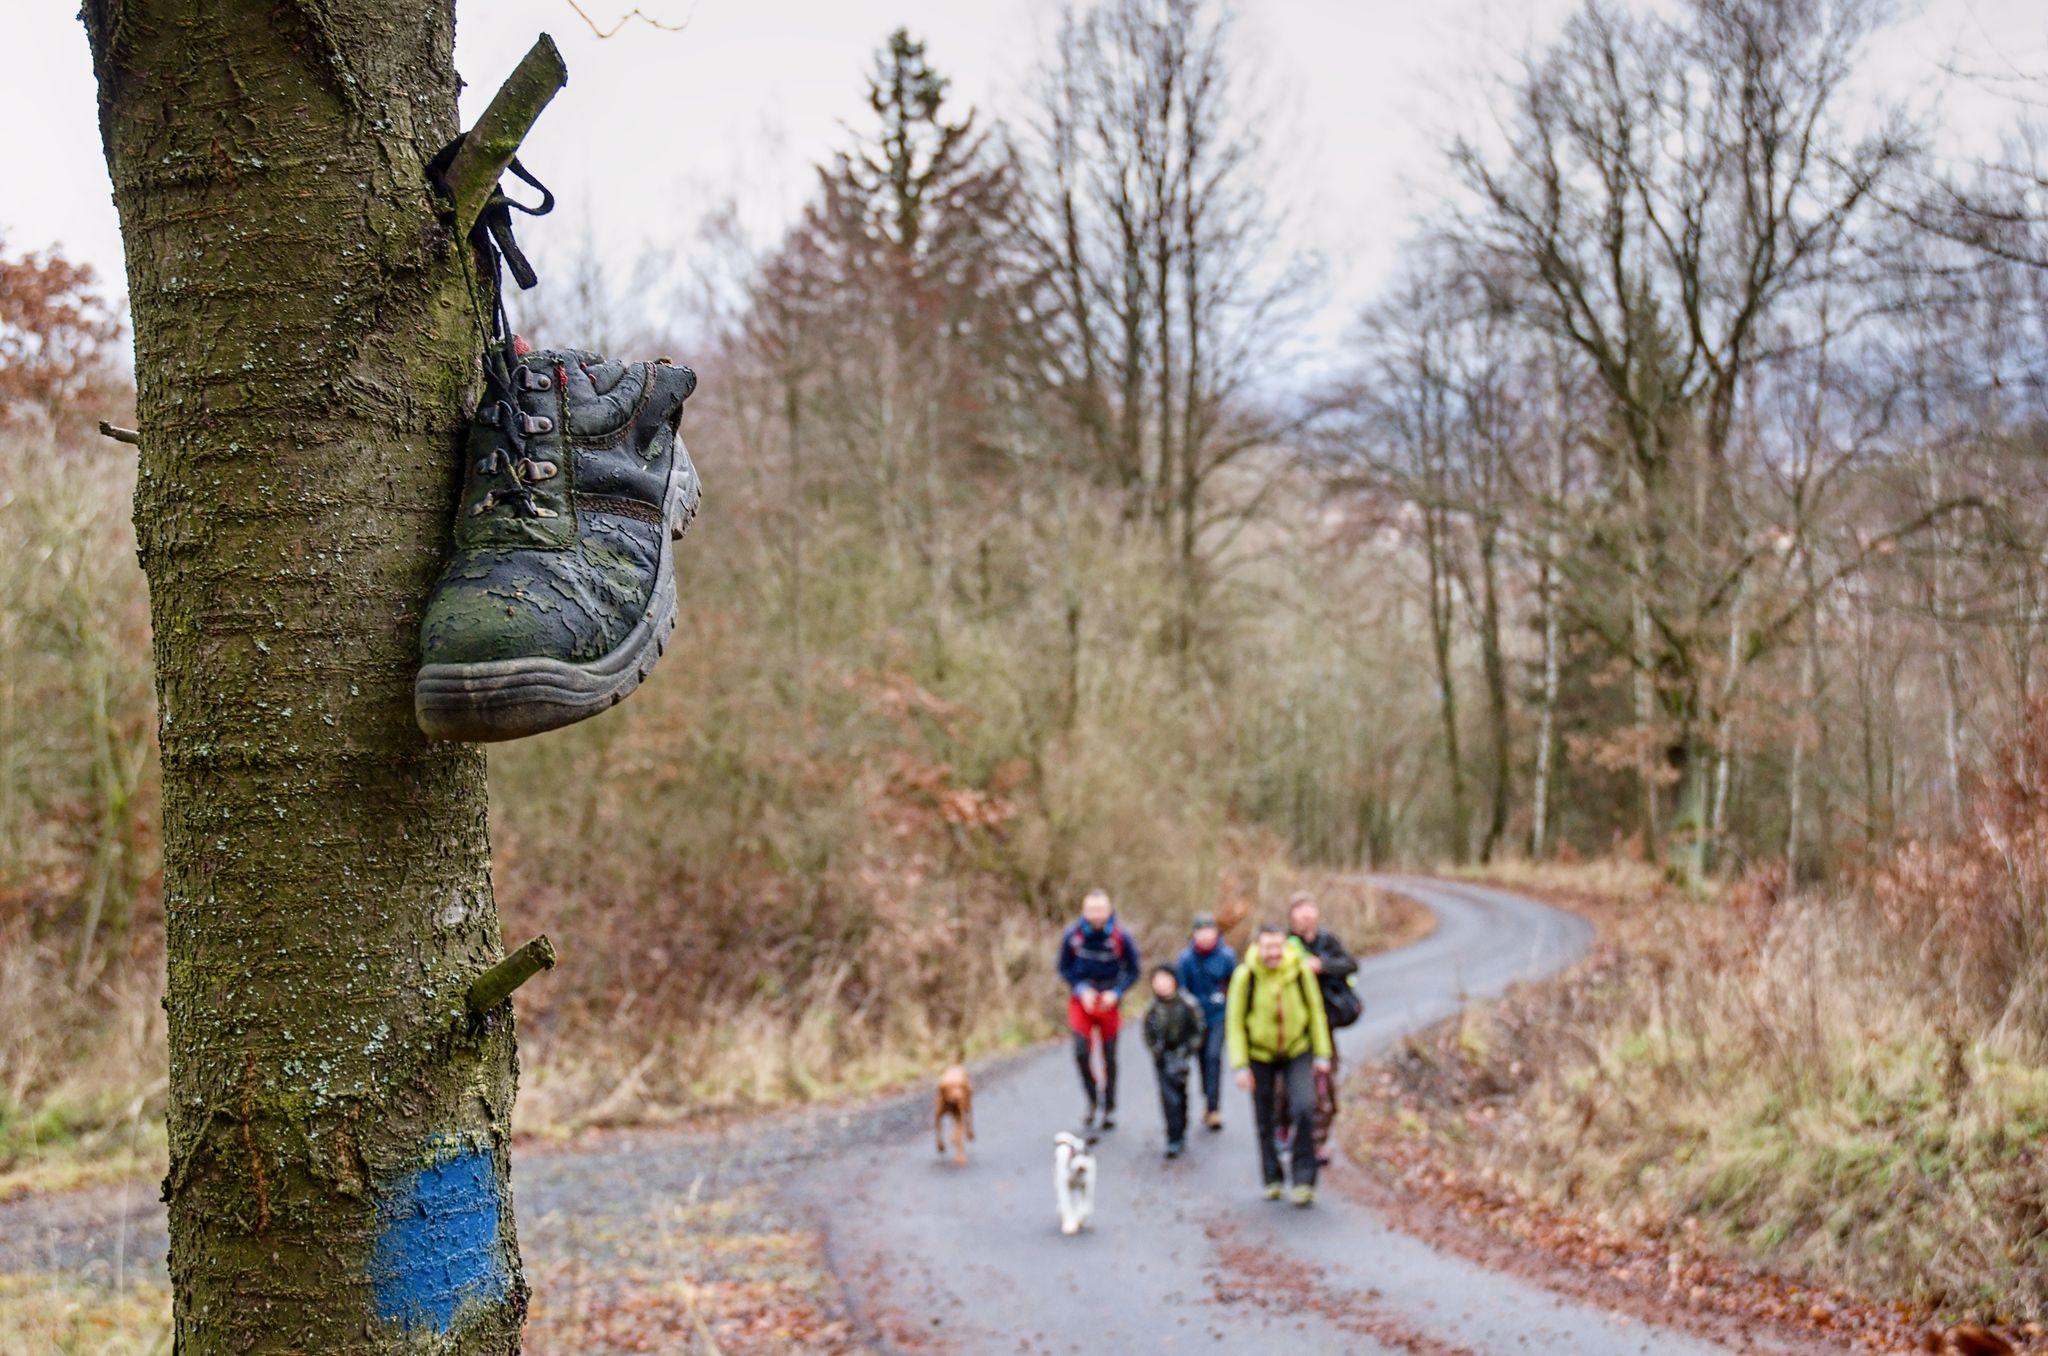 Dnešní výlet do Svatošských skal 🙂 se psí partou Kruškohorců a podKrušnohorců :-*